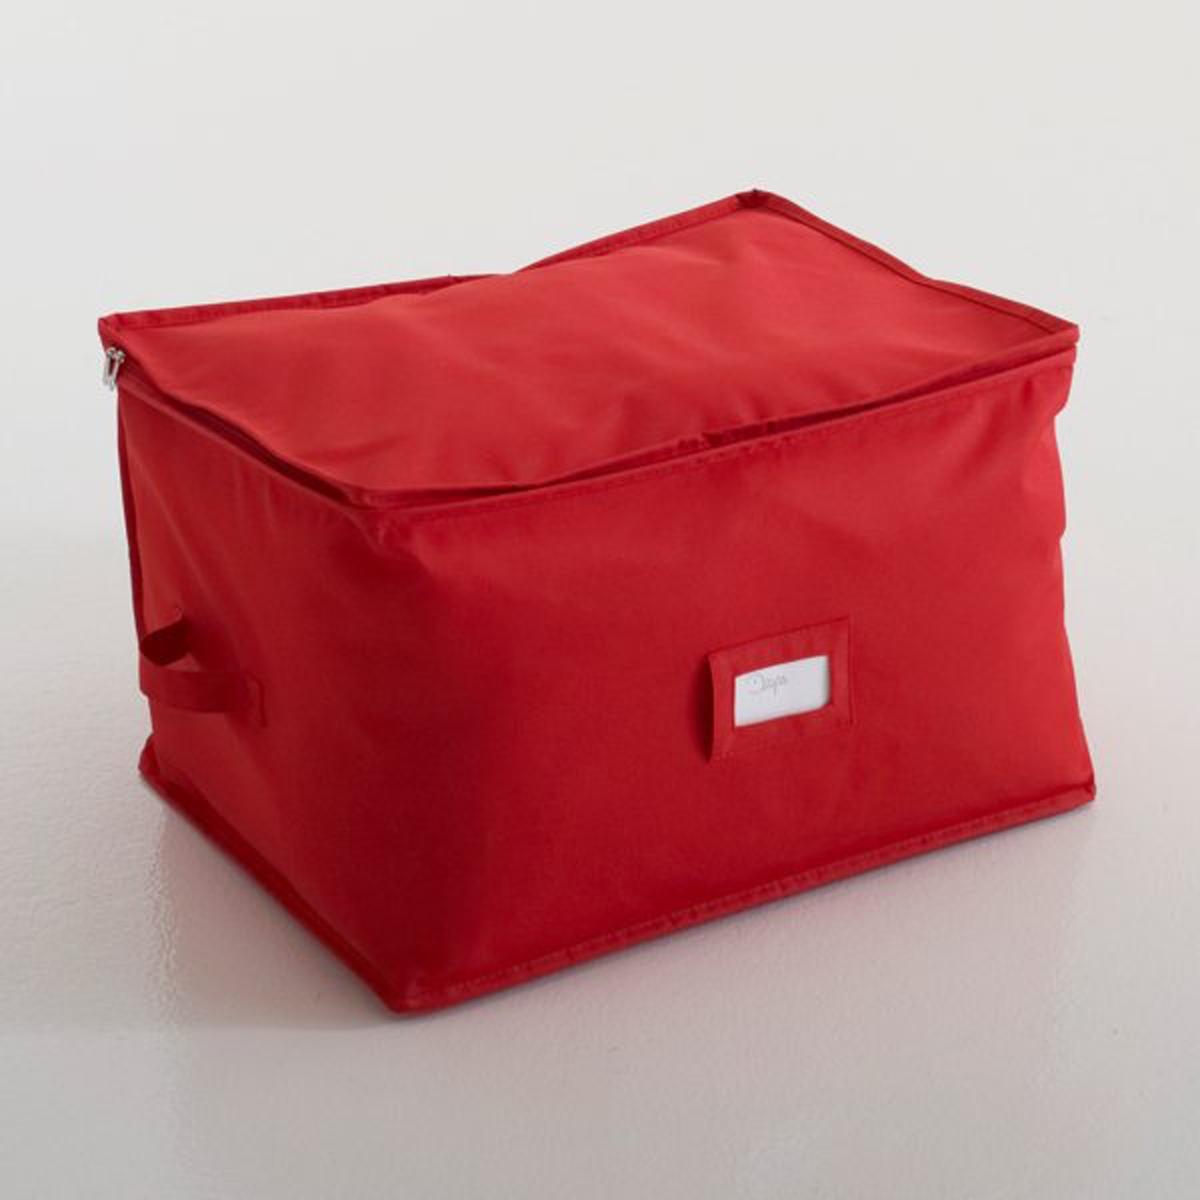 Чехол для хранения, Ш.60 x В.50 x Г.40 смЧехол для хранения. Идеален для хранения одеял, покрывал и подушек. Легко убирается под кровать или под шкаф.Характеристики чехла для хранения:полиэстер 290 г/м?.Ручки для переноски и место для бирки.Размеры чехла для хранения:Ш.60 x В.50 x Г.40 см.<br><br>Цвет: красный,розовый,серо-коричневый каштан<br>Размер: единый размер